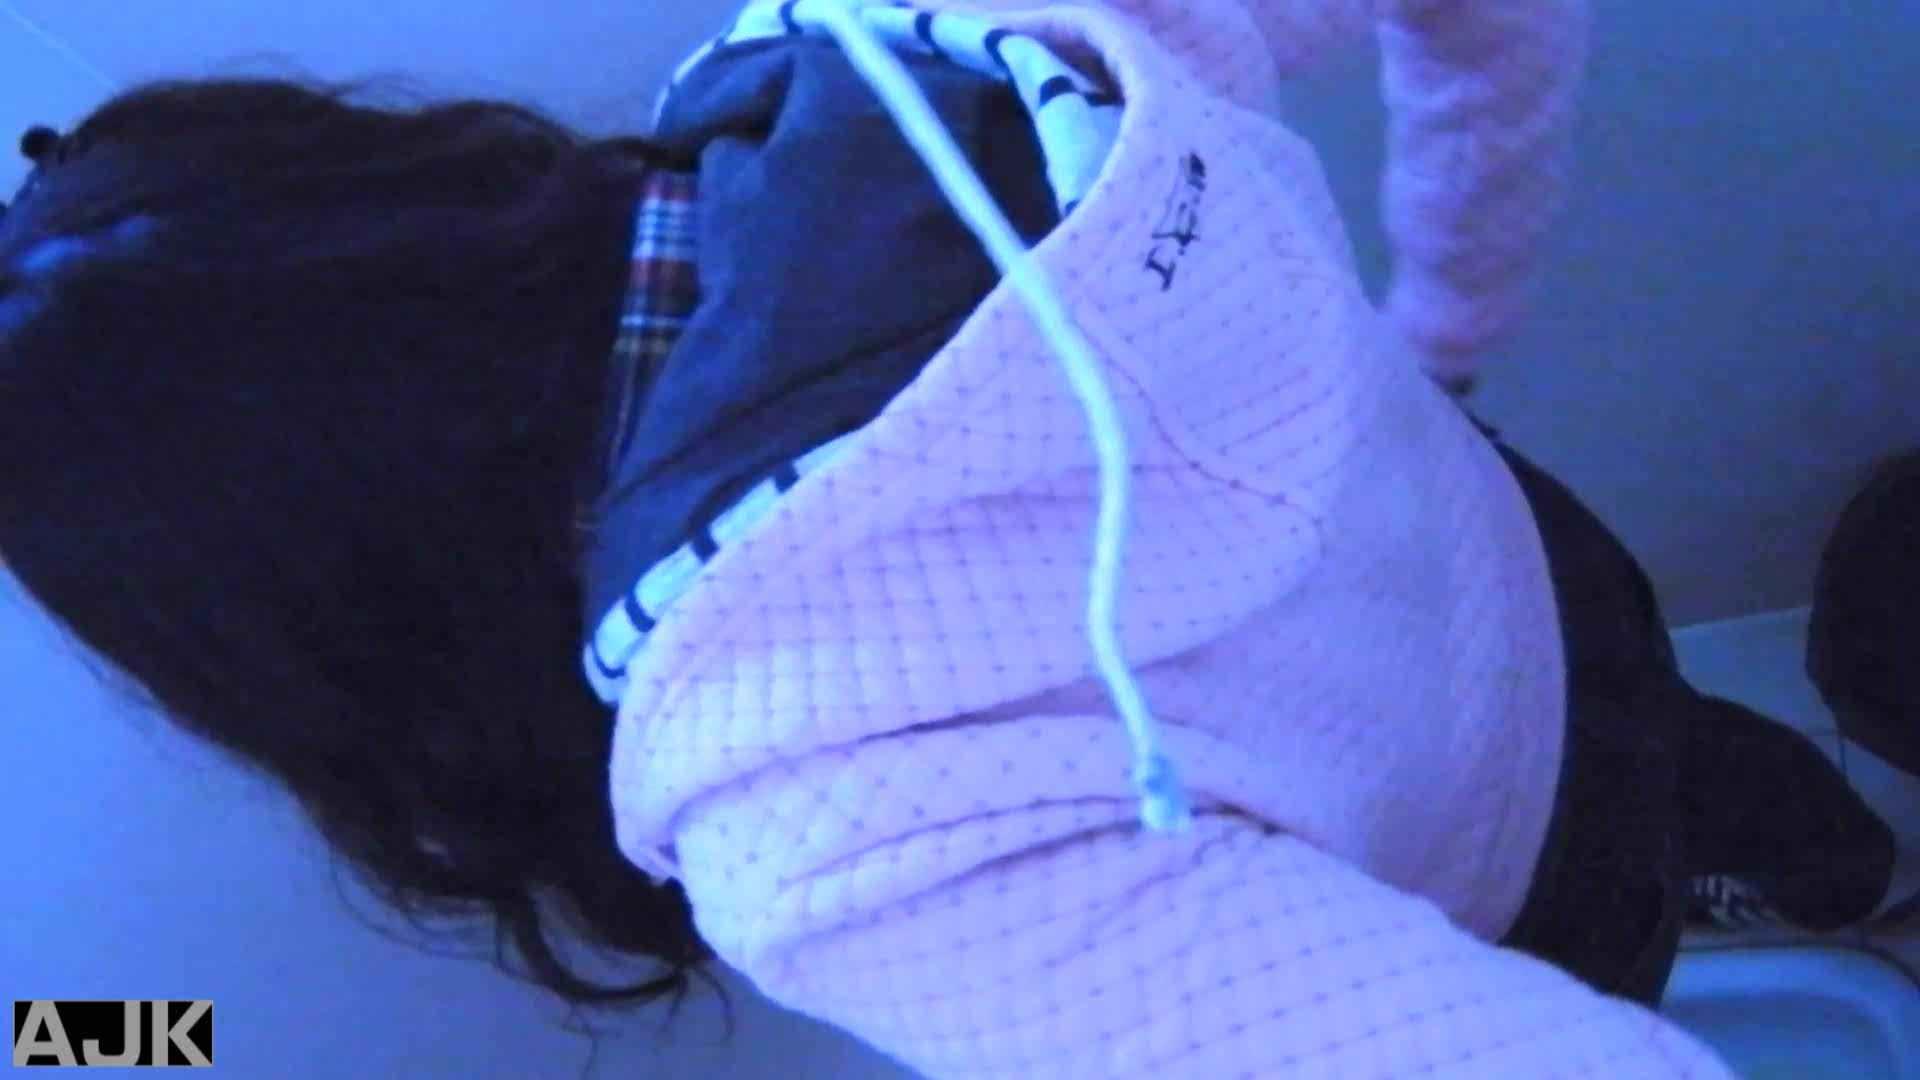 隣国上階級エリアの令嬢たちが集うデパートお手洗い Vol.07 エロいお嬢様 オマンコ無修正動画無料 53画像 51